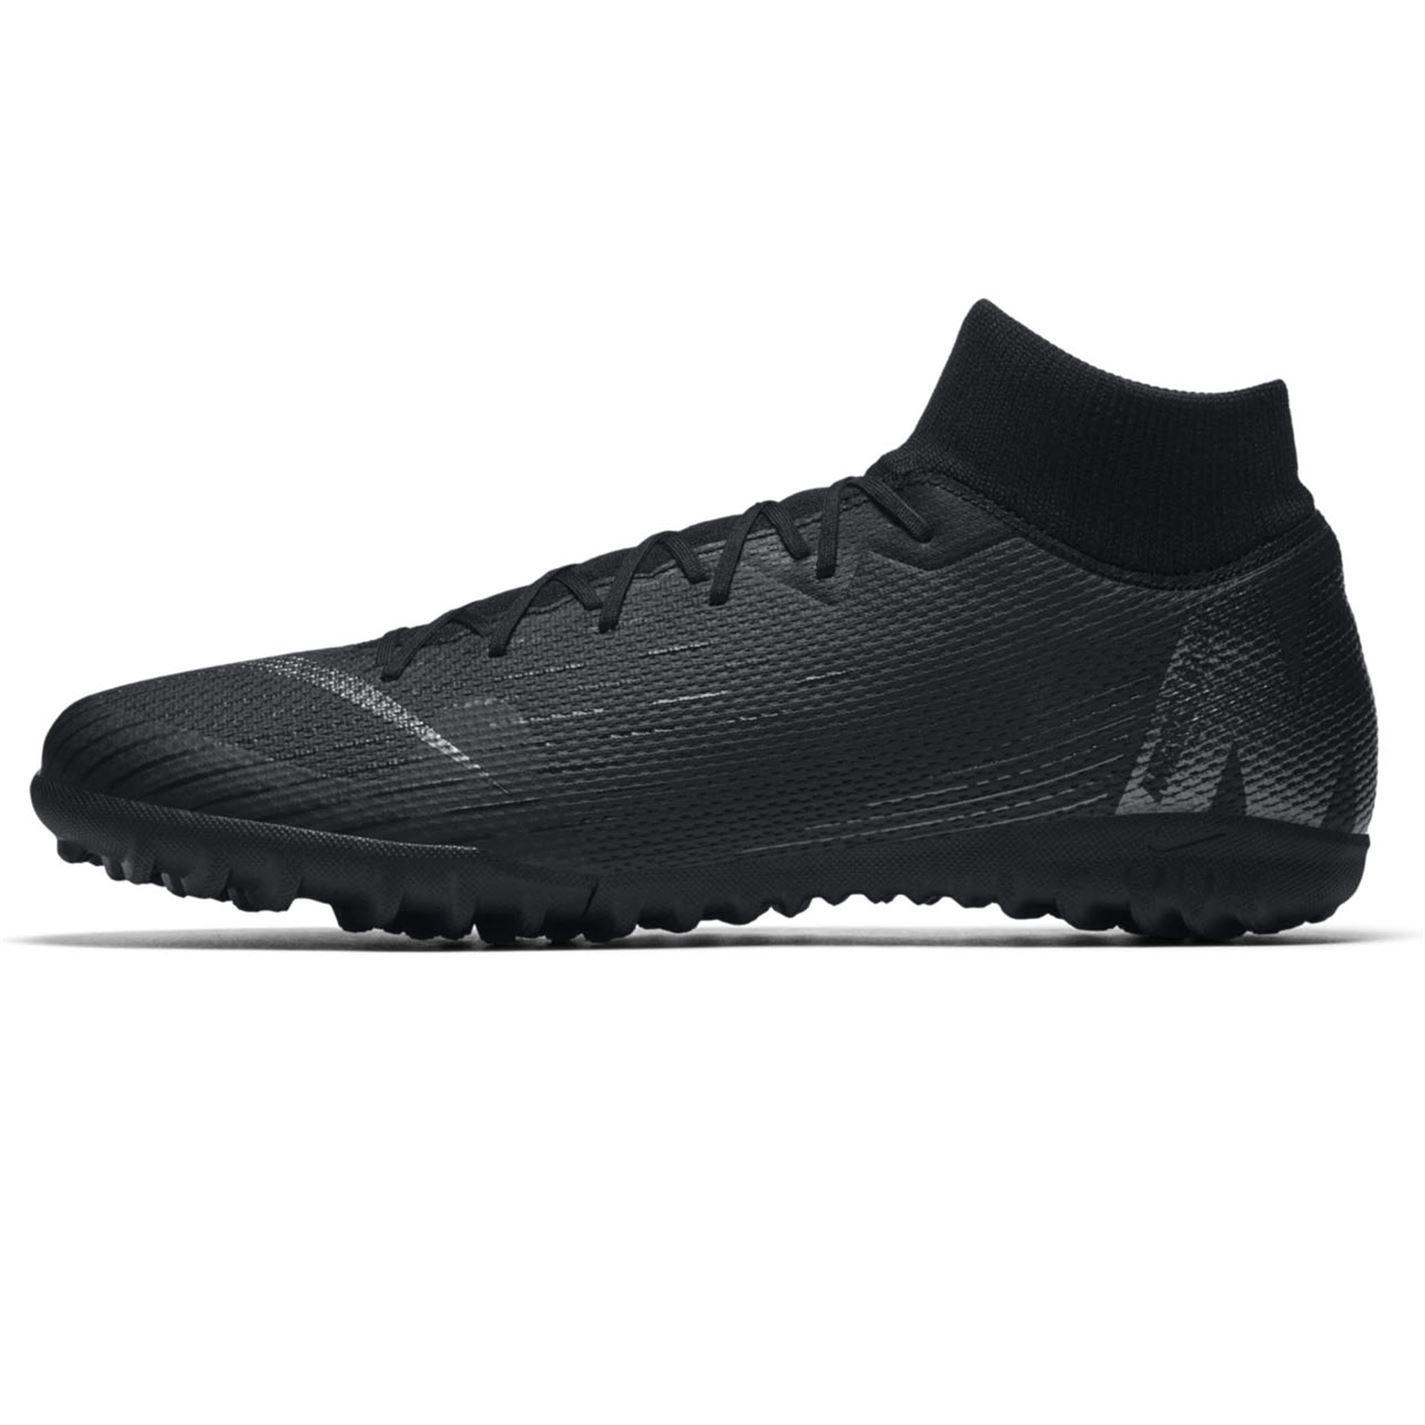 ... Nike Mercurial Superfly Academia DF Astro Turf fútbol entrenadores  hombres fútbol zapato d135812654b